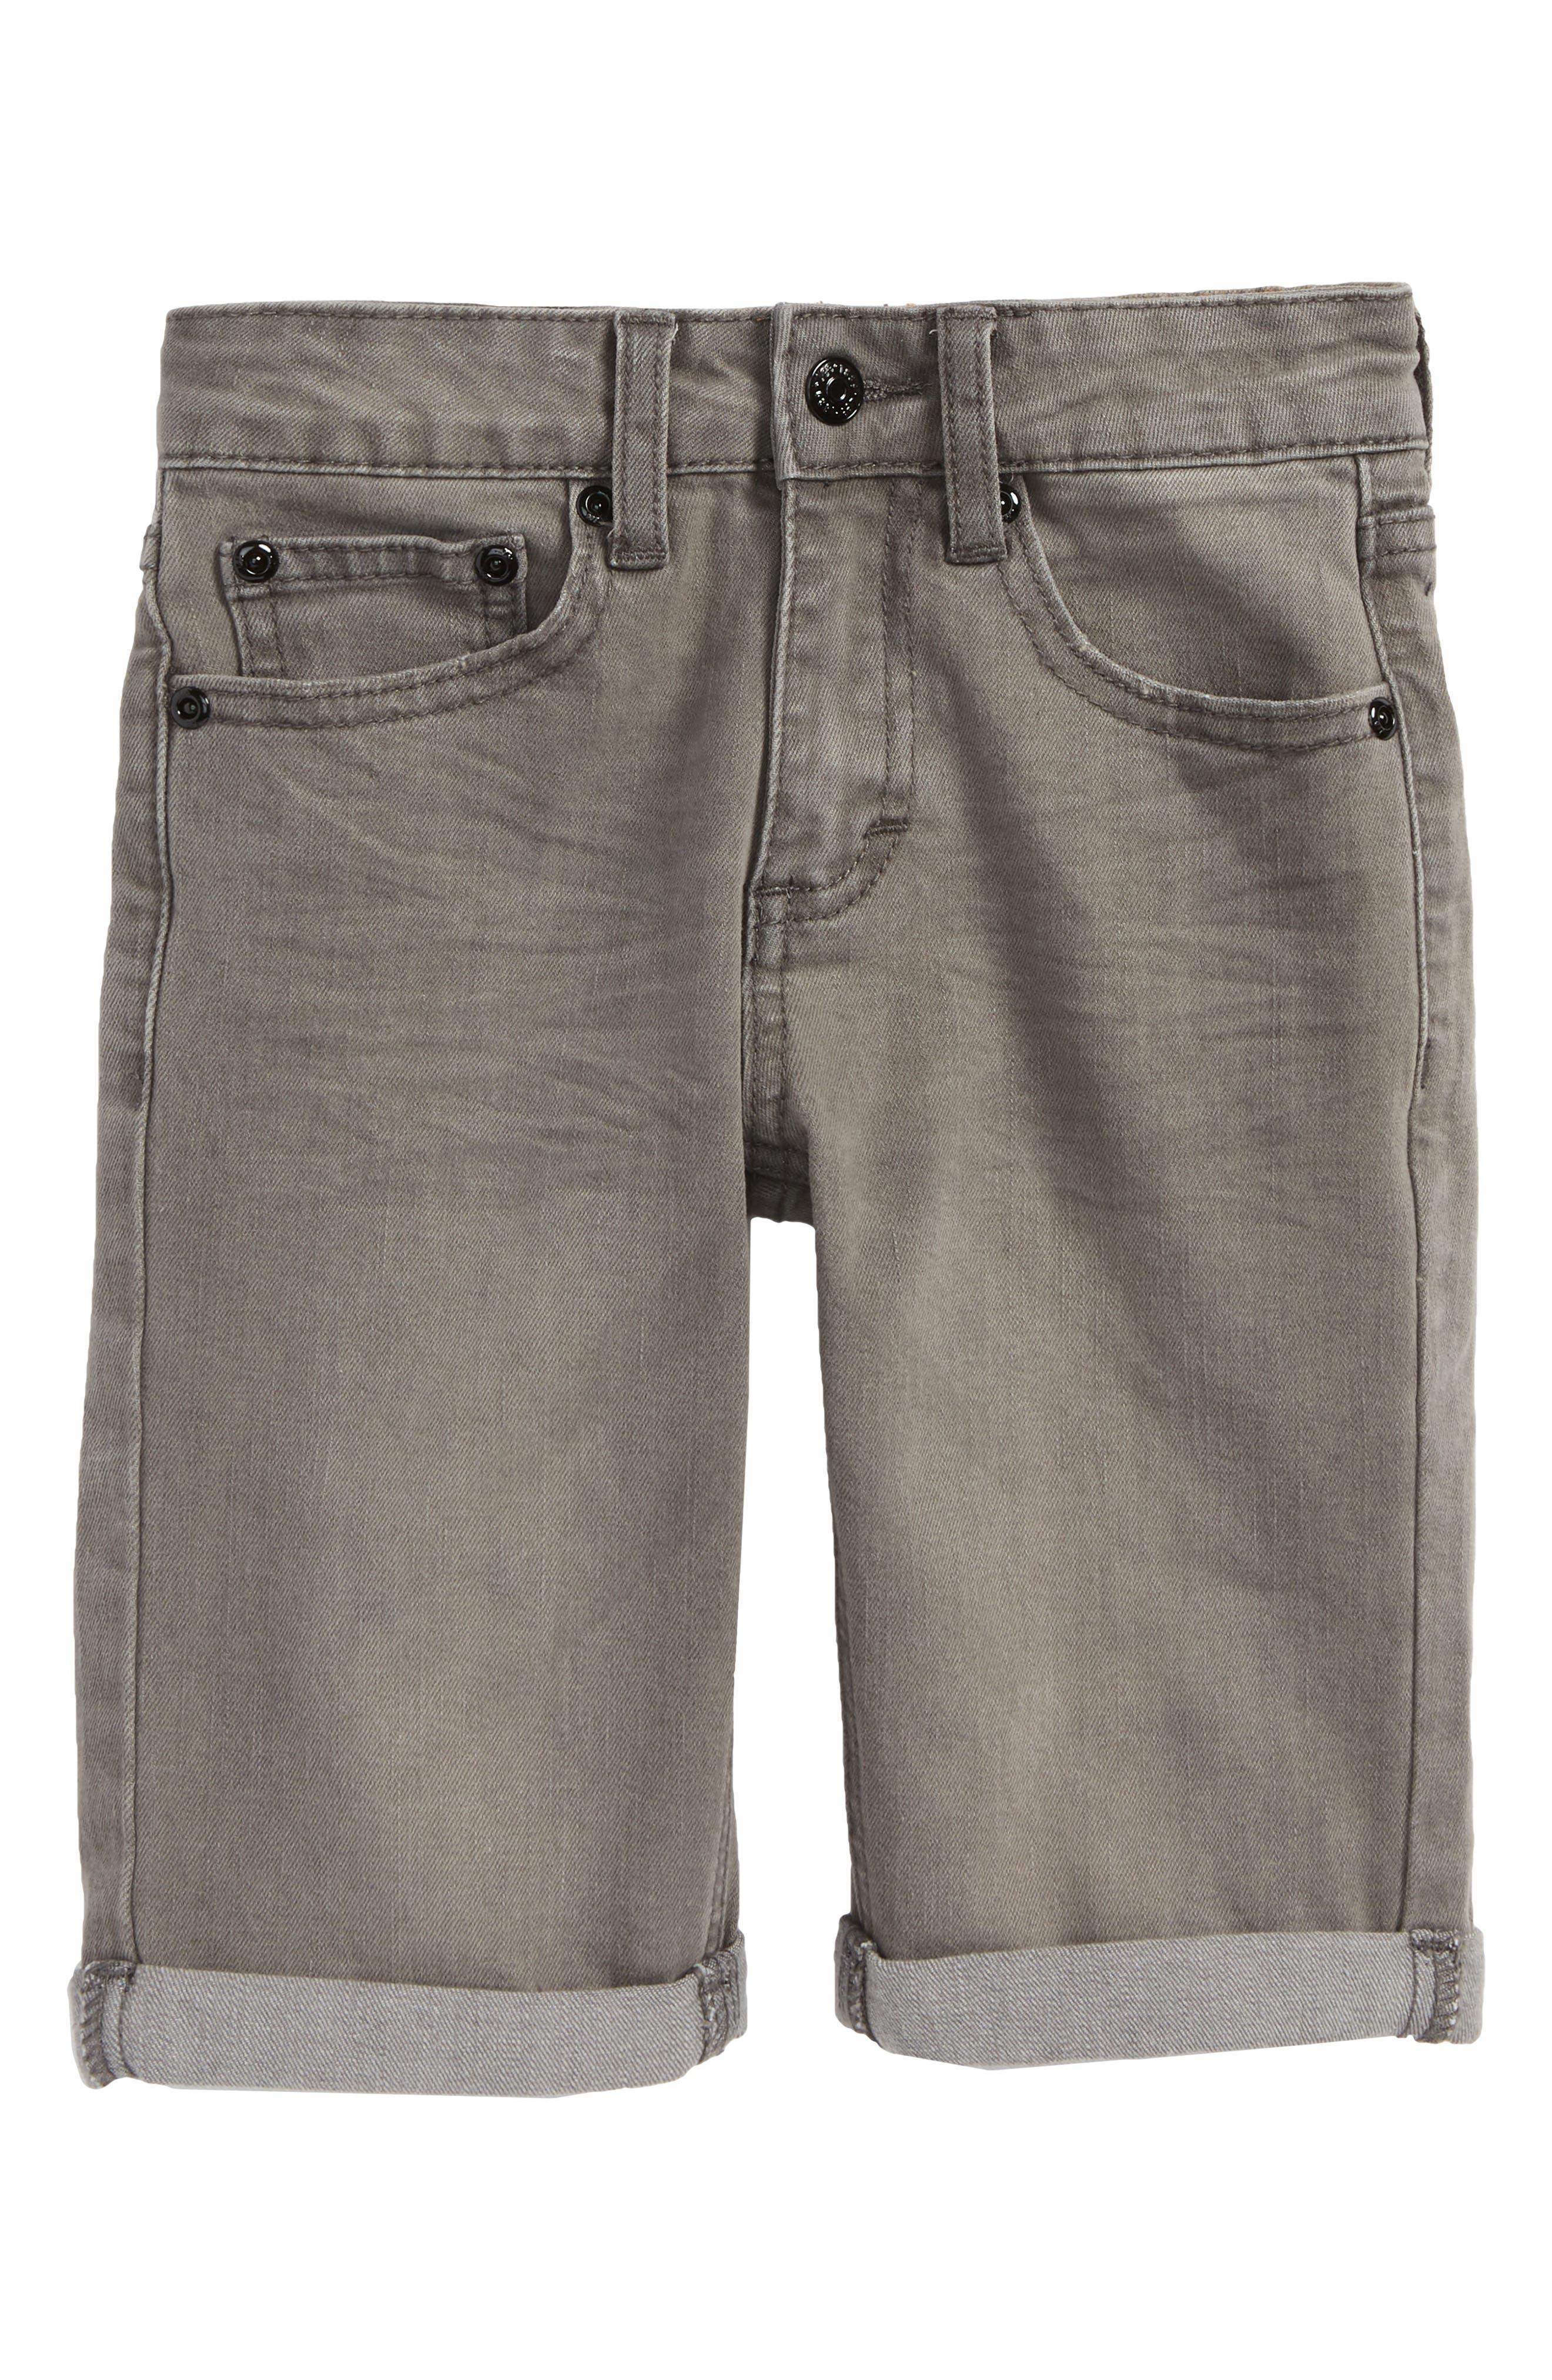 Stretch Denim Roll Cuff Shorts,                         Main,                         color, Wrecked Boat Grey